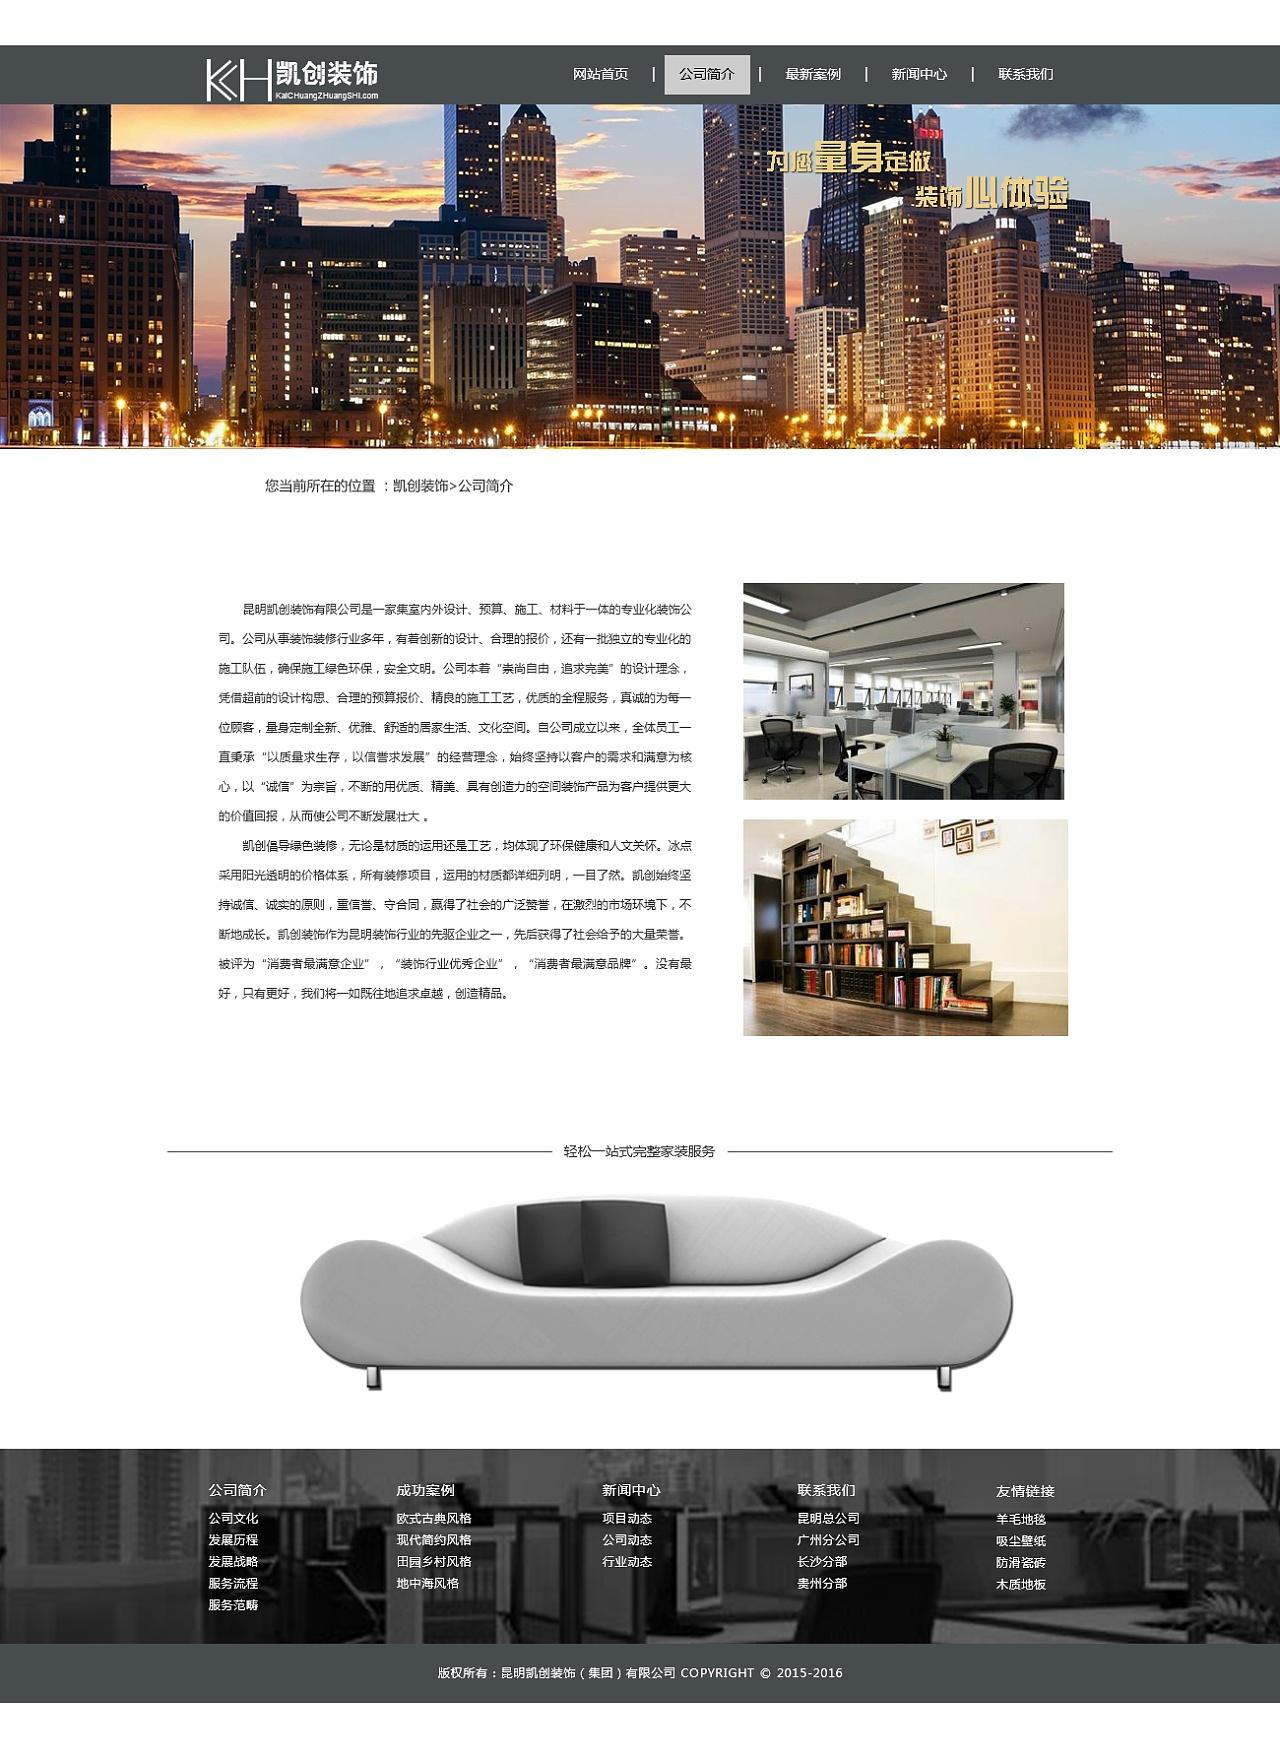 简单大气的企业网站!     图片